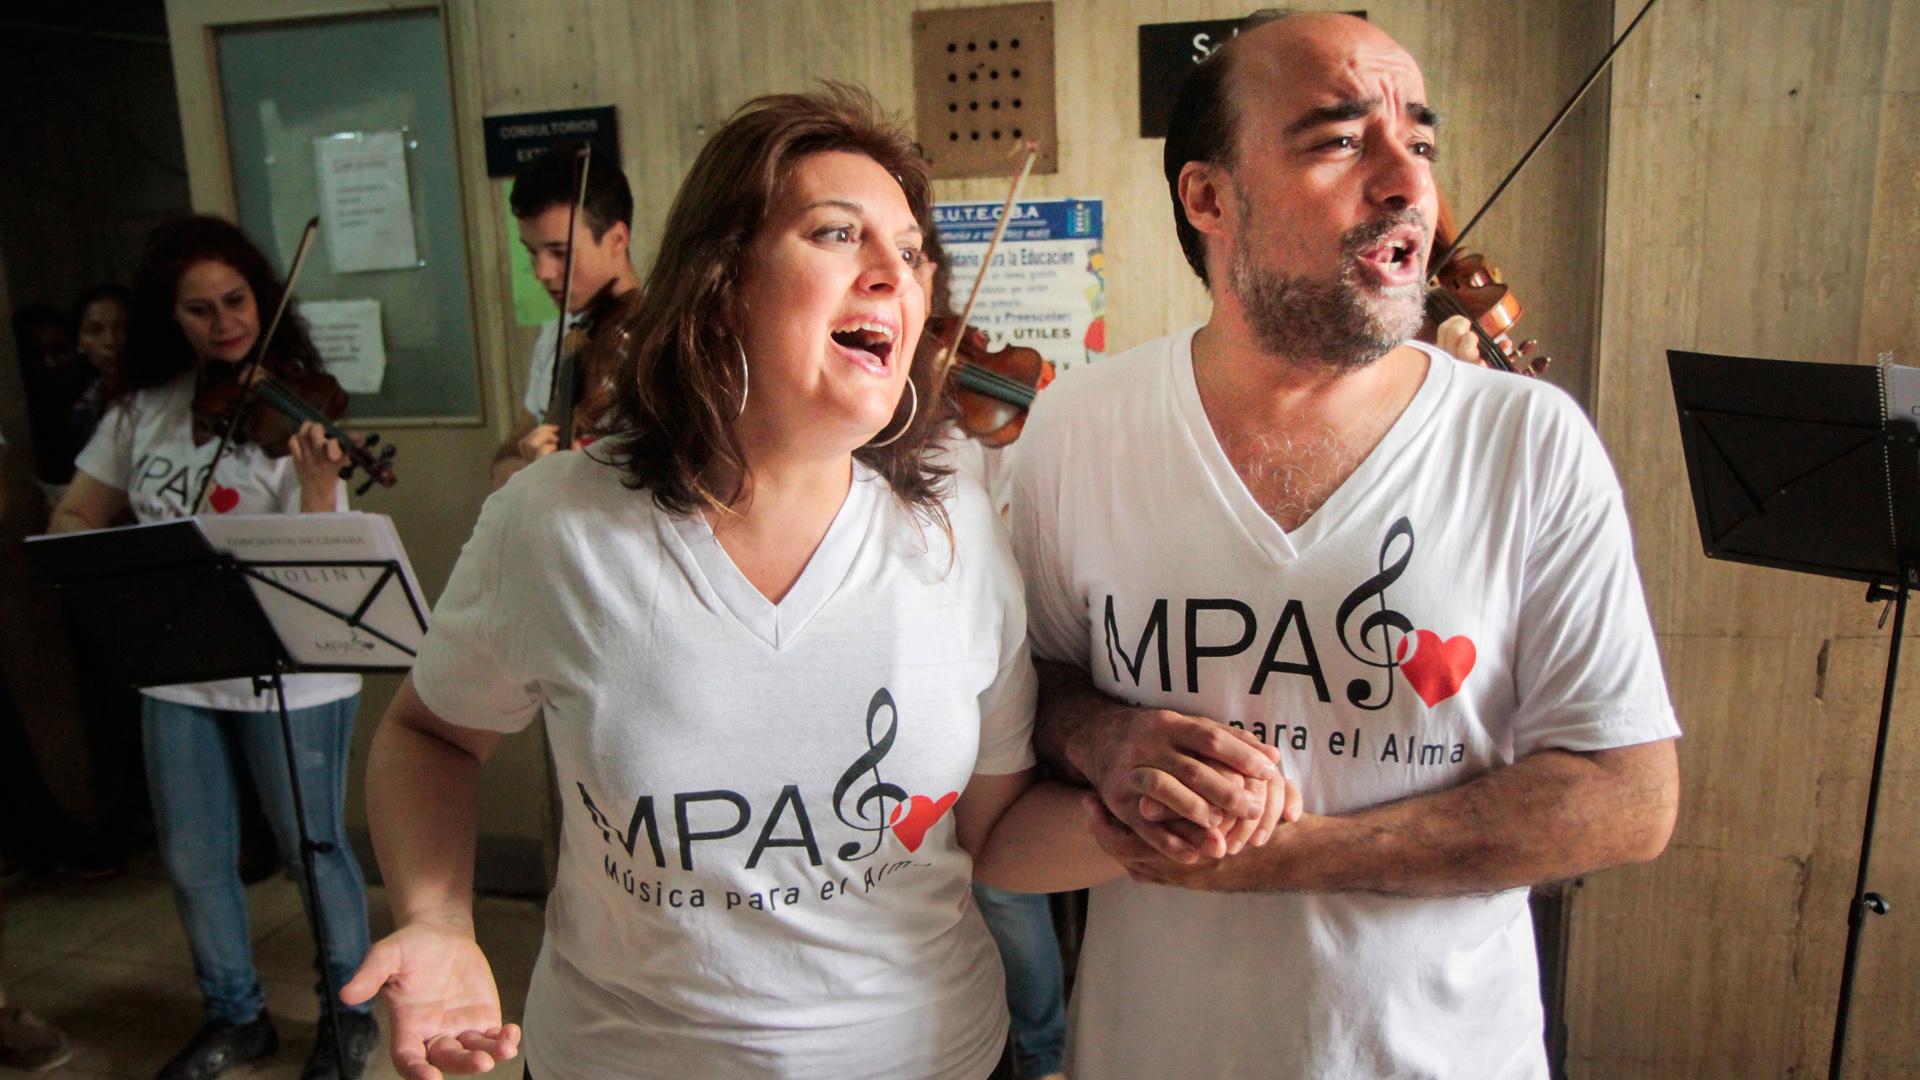 Música para el alma es una iniciativa solidaria que nació en hospitales porteños (María Inés Ghiglione)